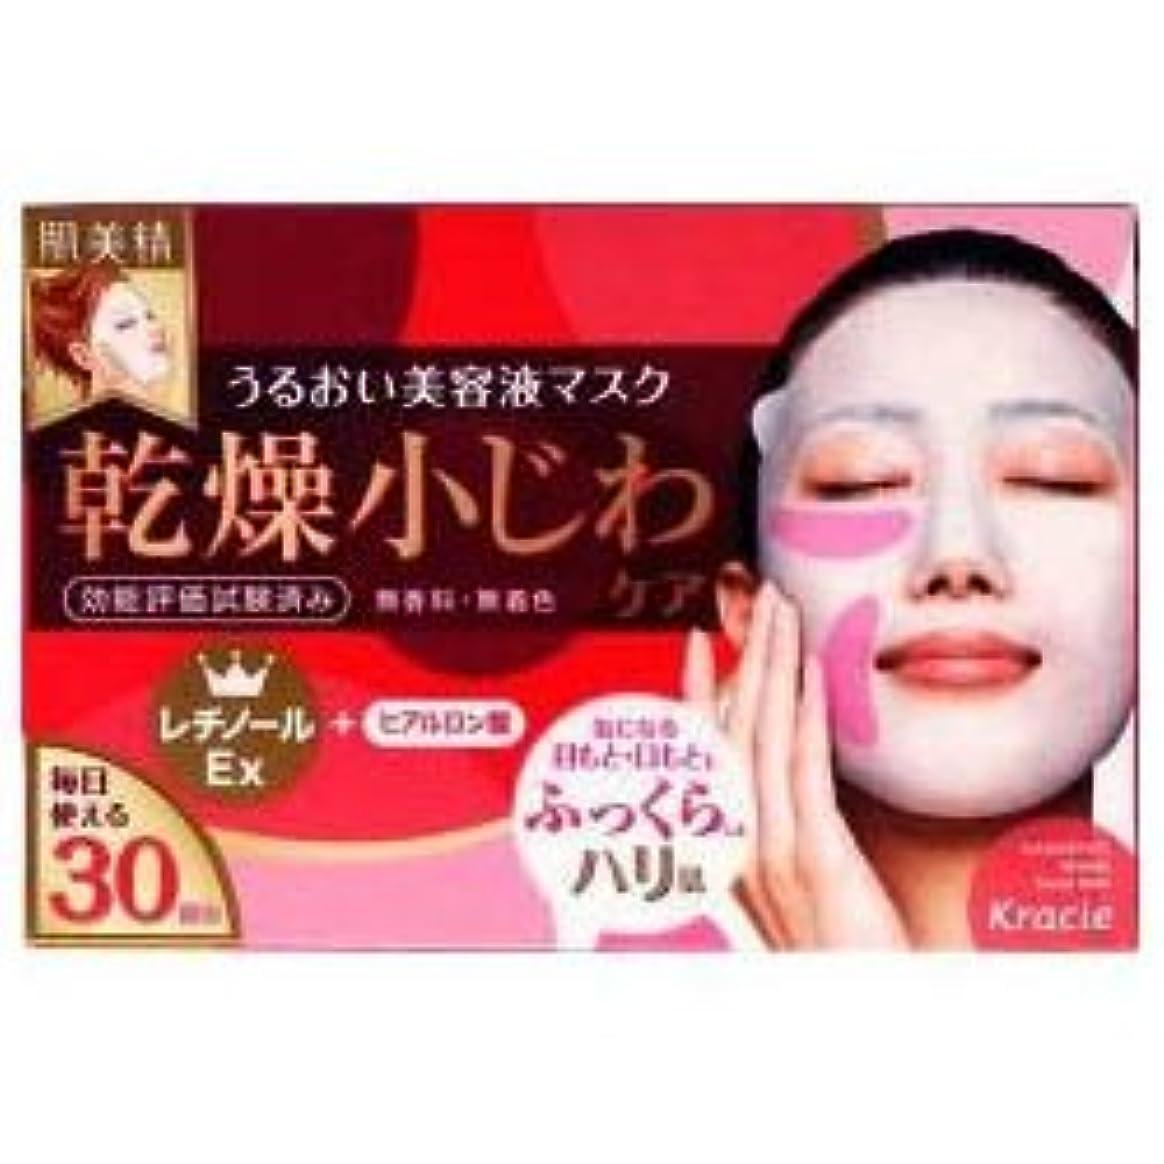 浸す復活させる無実【クラシエ】肌美精 デイリーリンクルケア美容液マスク 30枚 ×20個セット